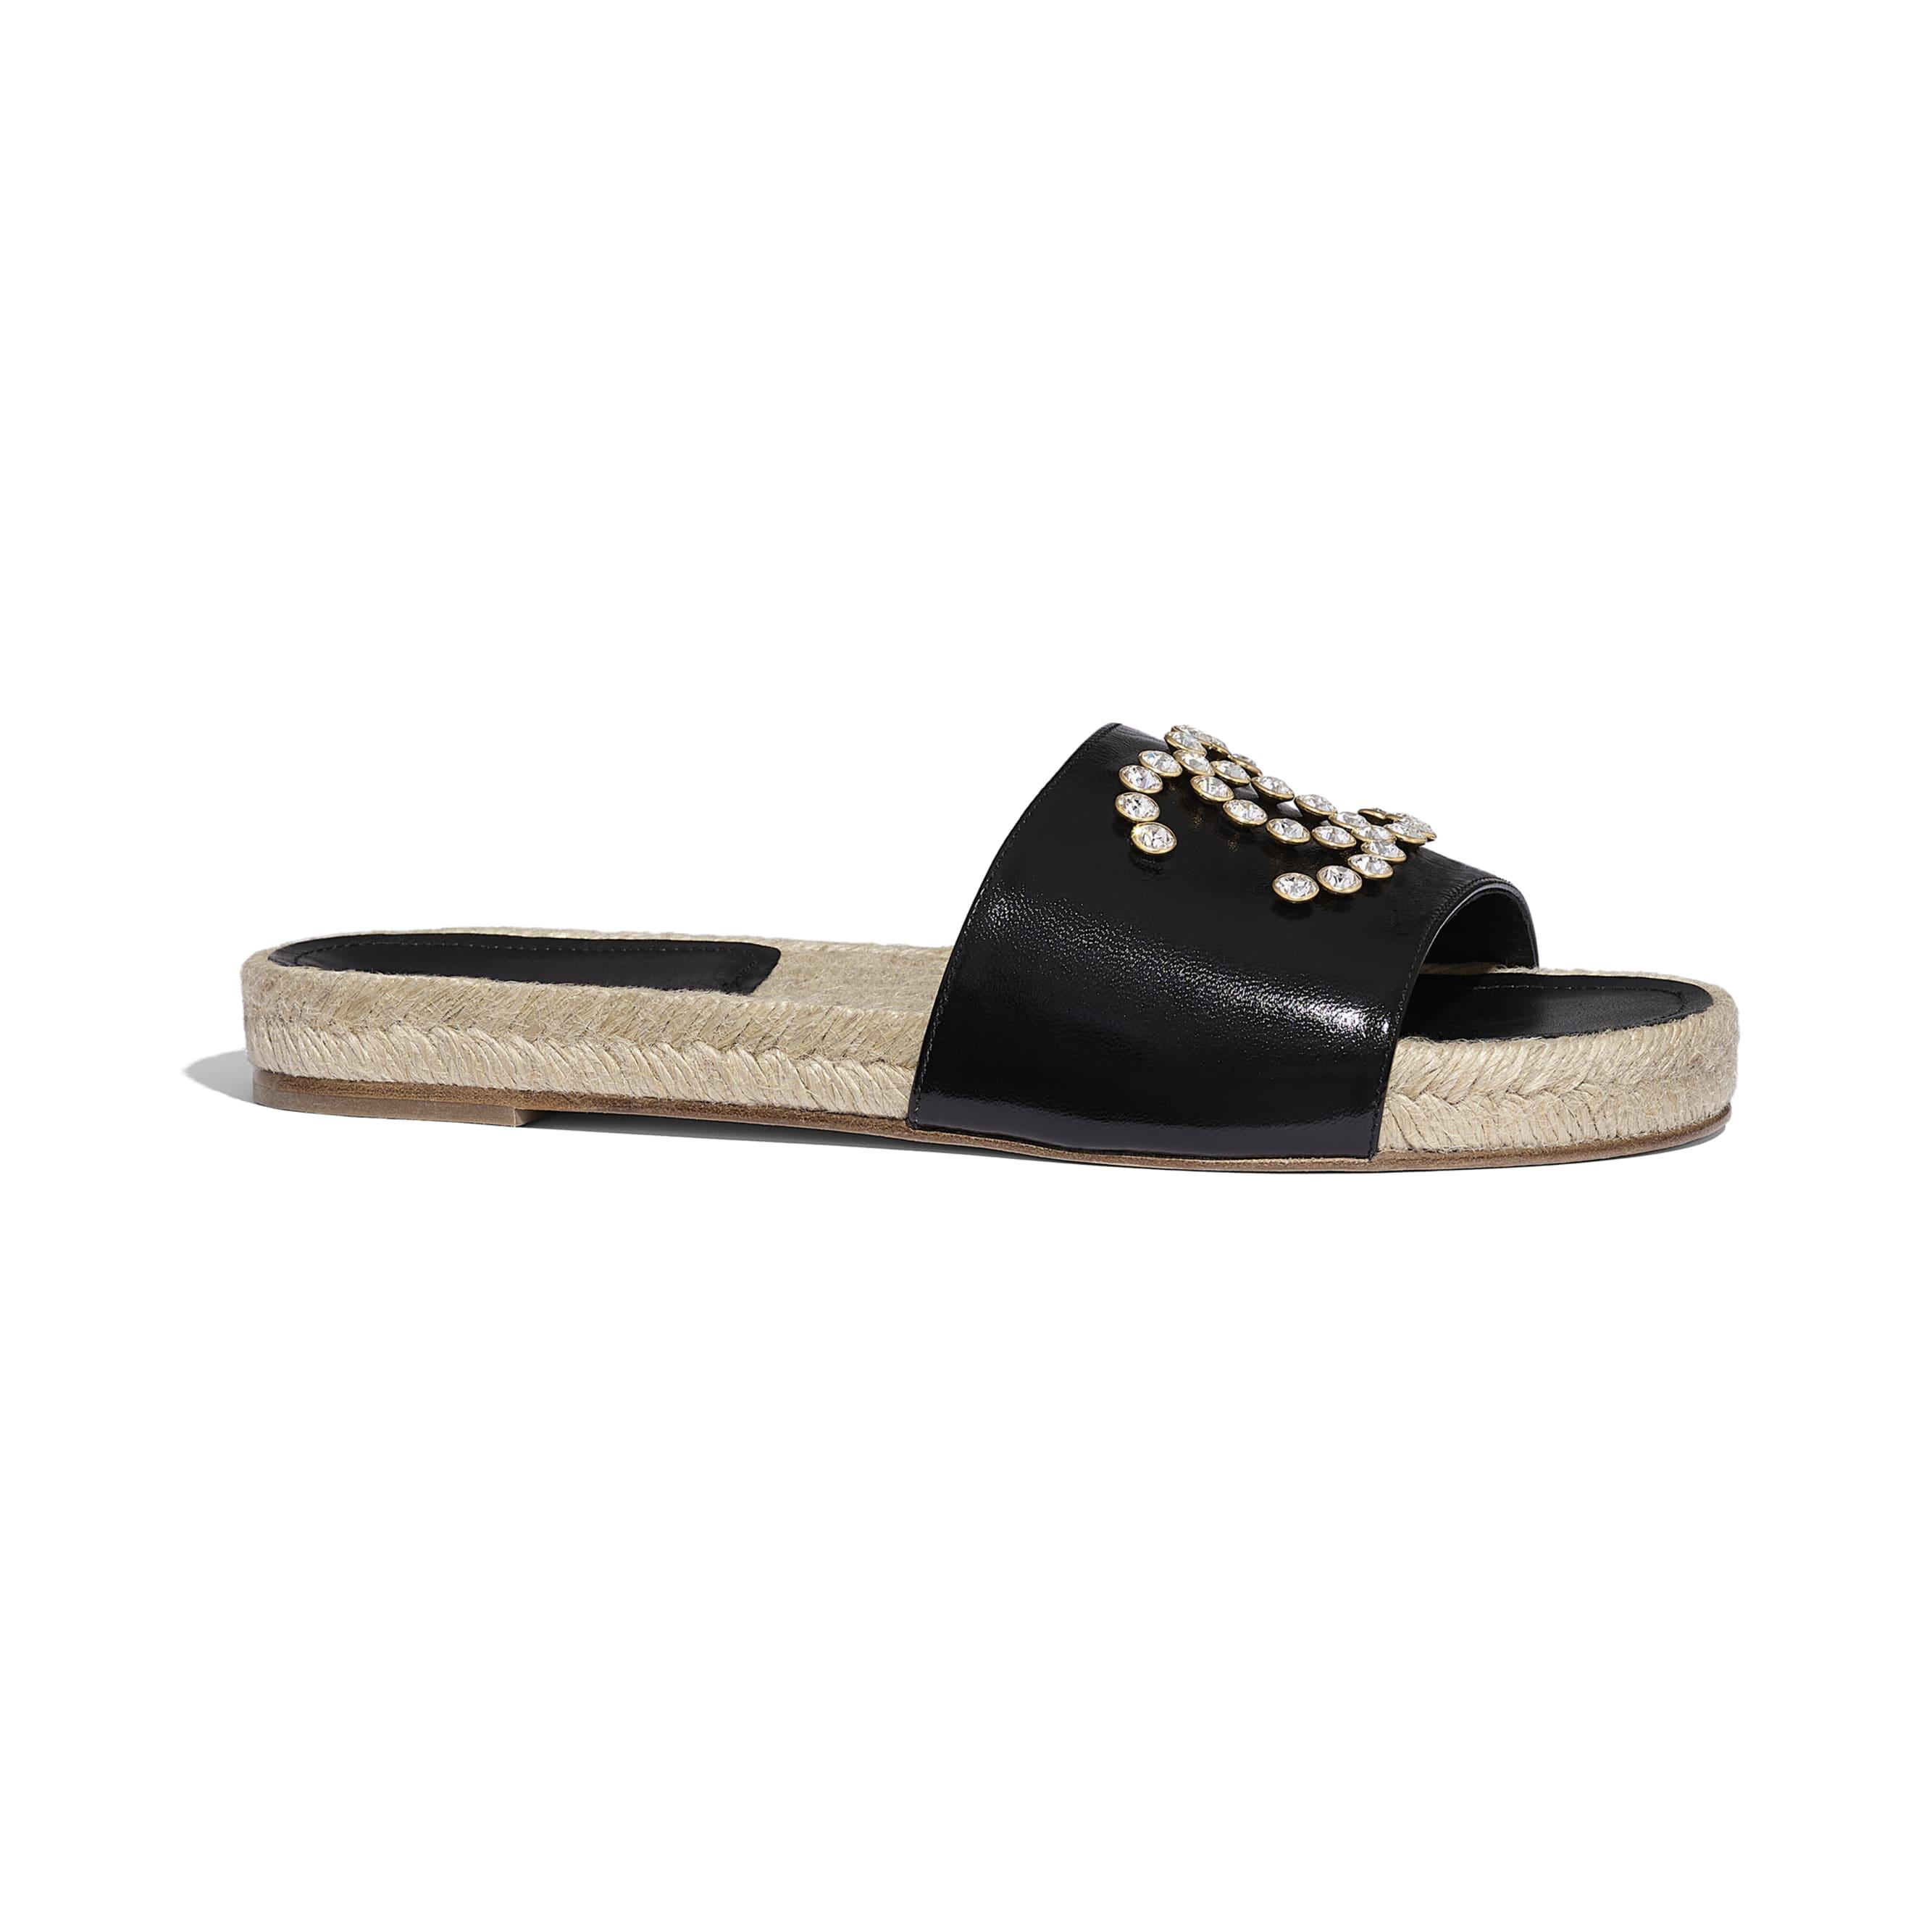 蜜兒拖鞋 - 黑 - 小牛漆皮 - 預設視圖 - 查看標準尺寸版本